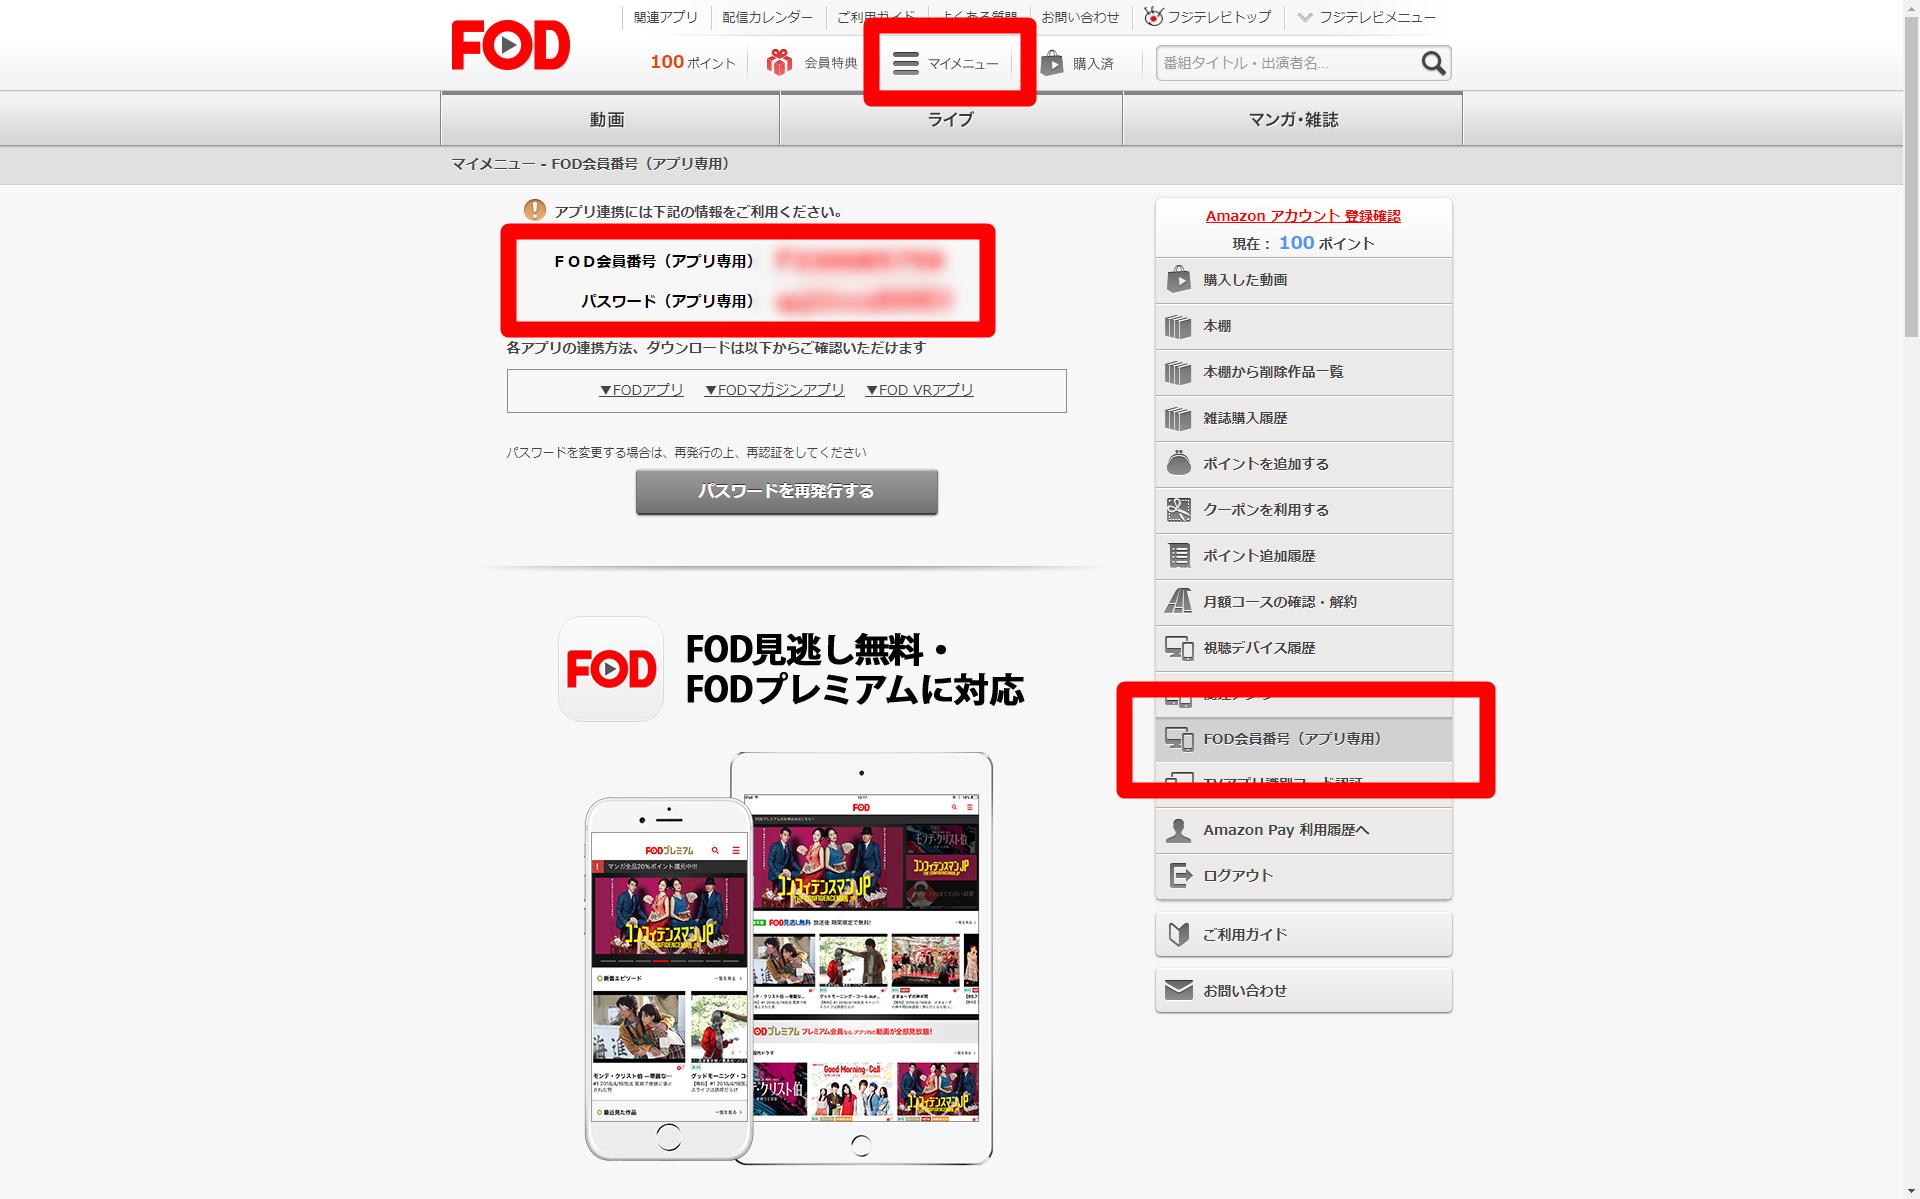 FOD登録8-2FODプレミアムへログイン アプリ確認